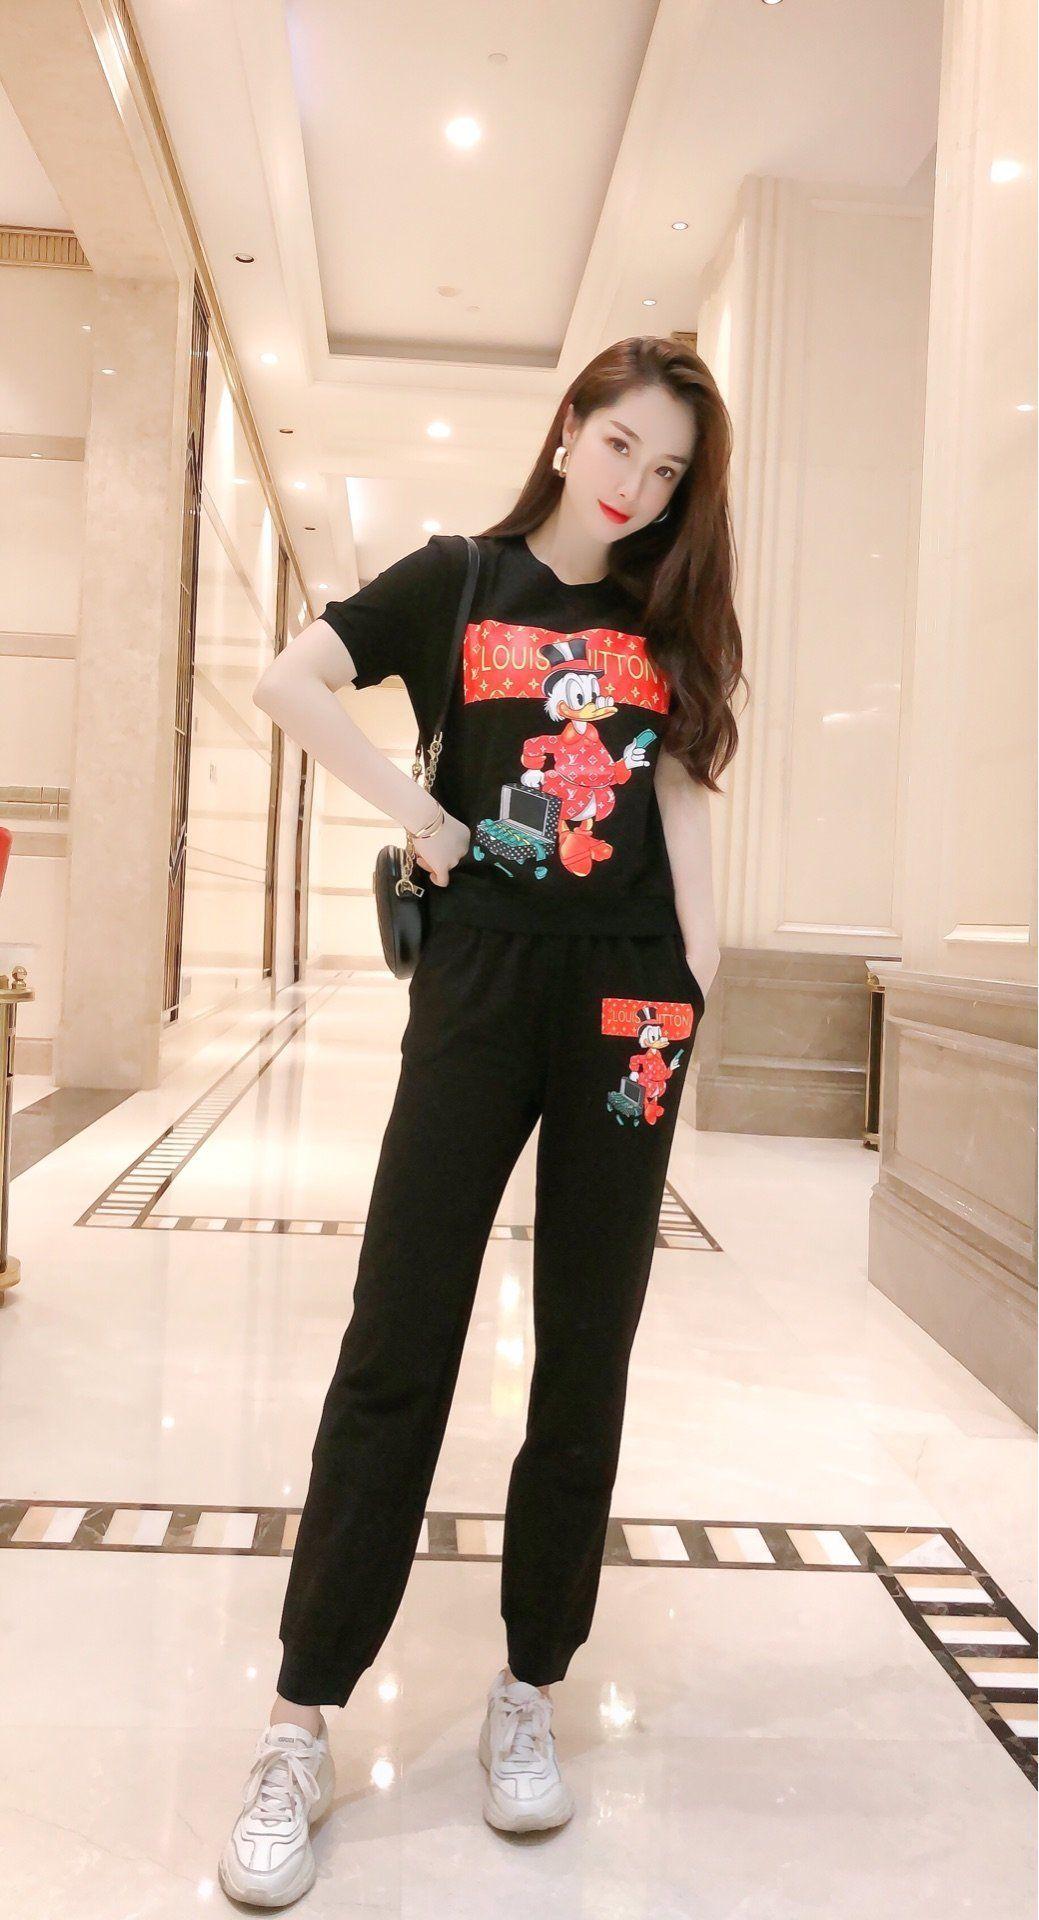 2020 de alta qualidade senhoras calça conjuntos encabeça + calças 2pcs 688T primavera e verão casuais conjuntos de vestuário de moda